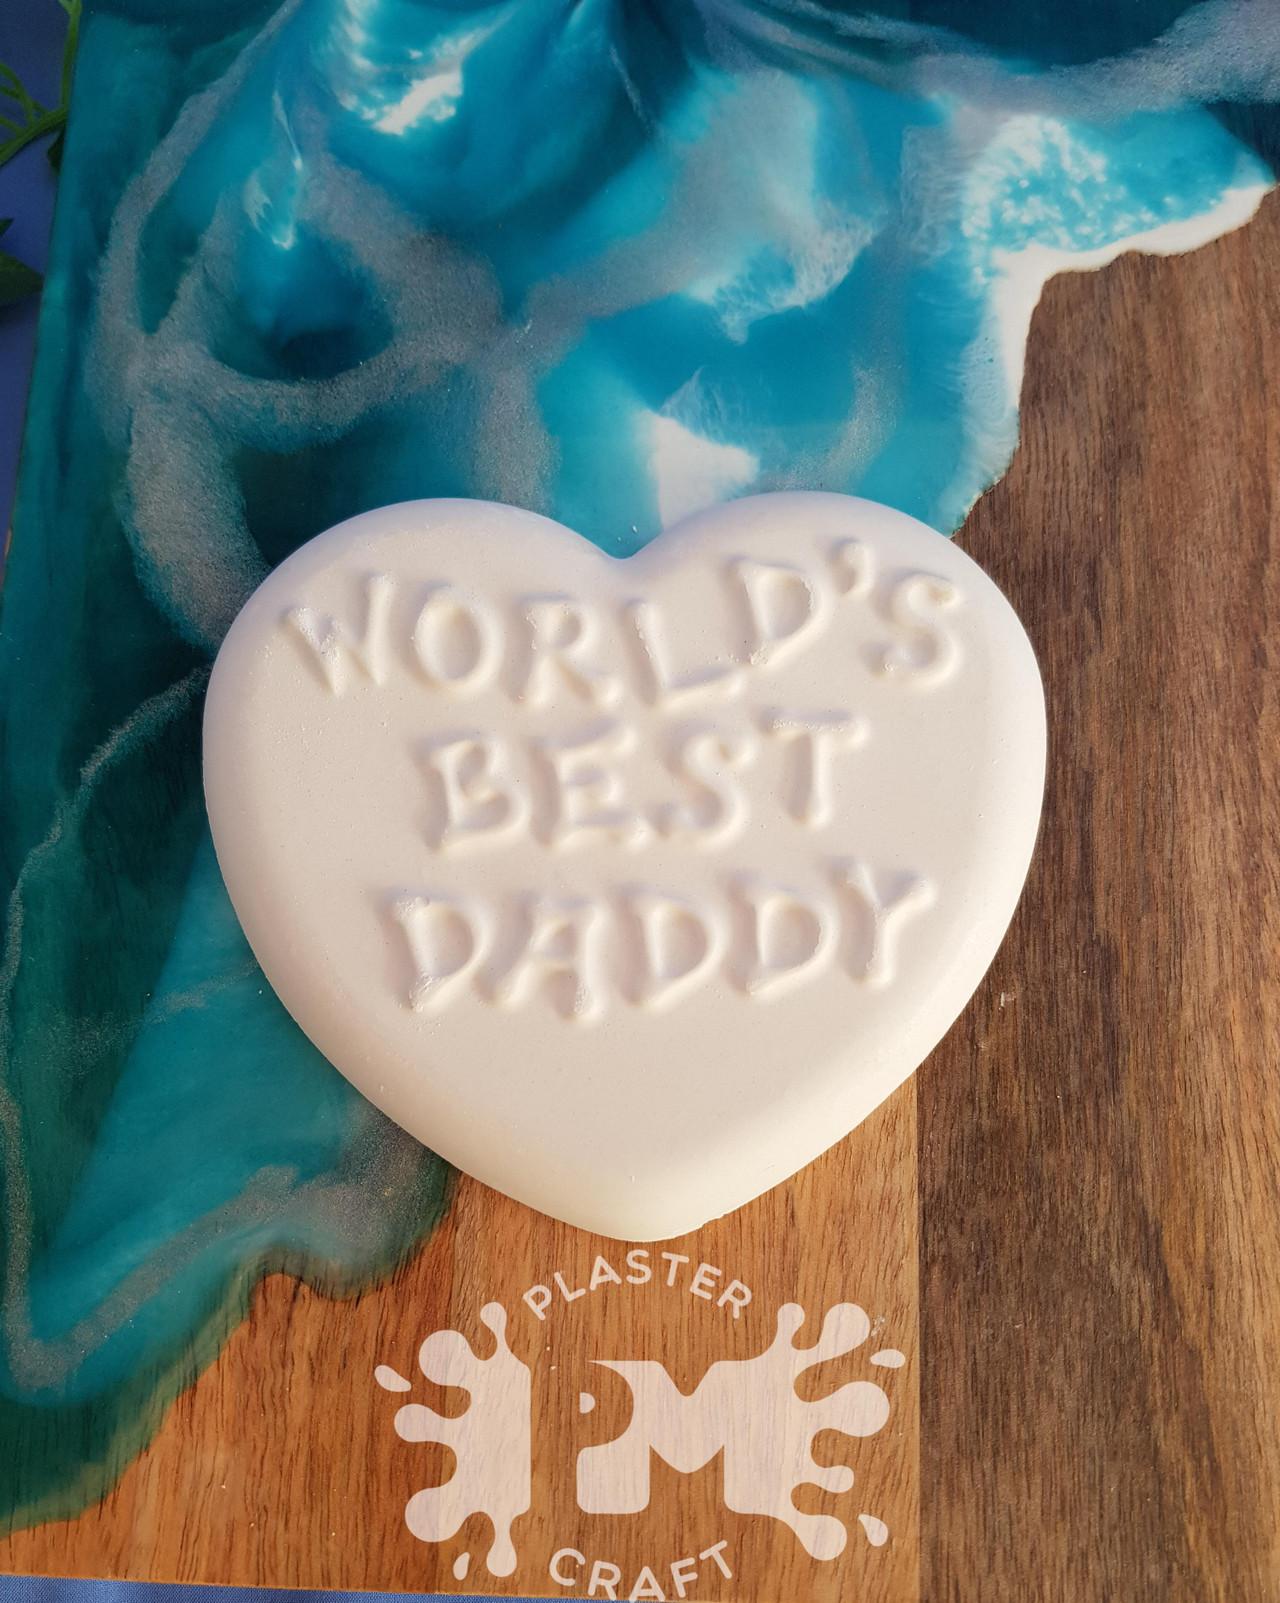 World's Best daddy